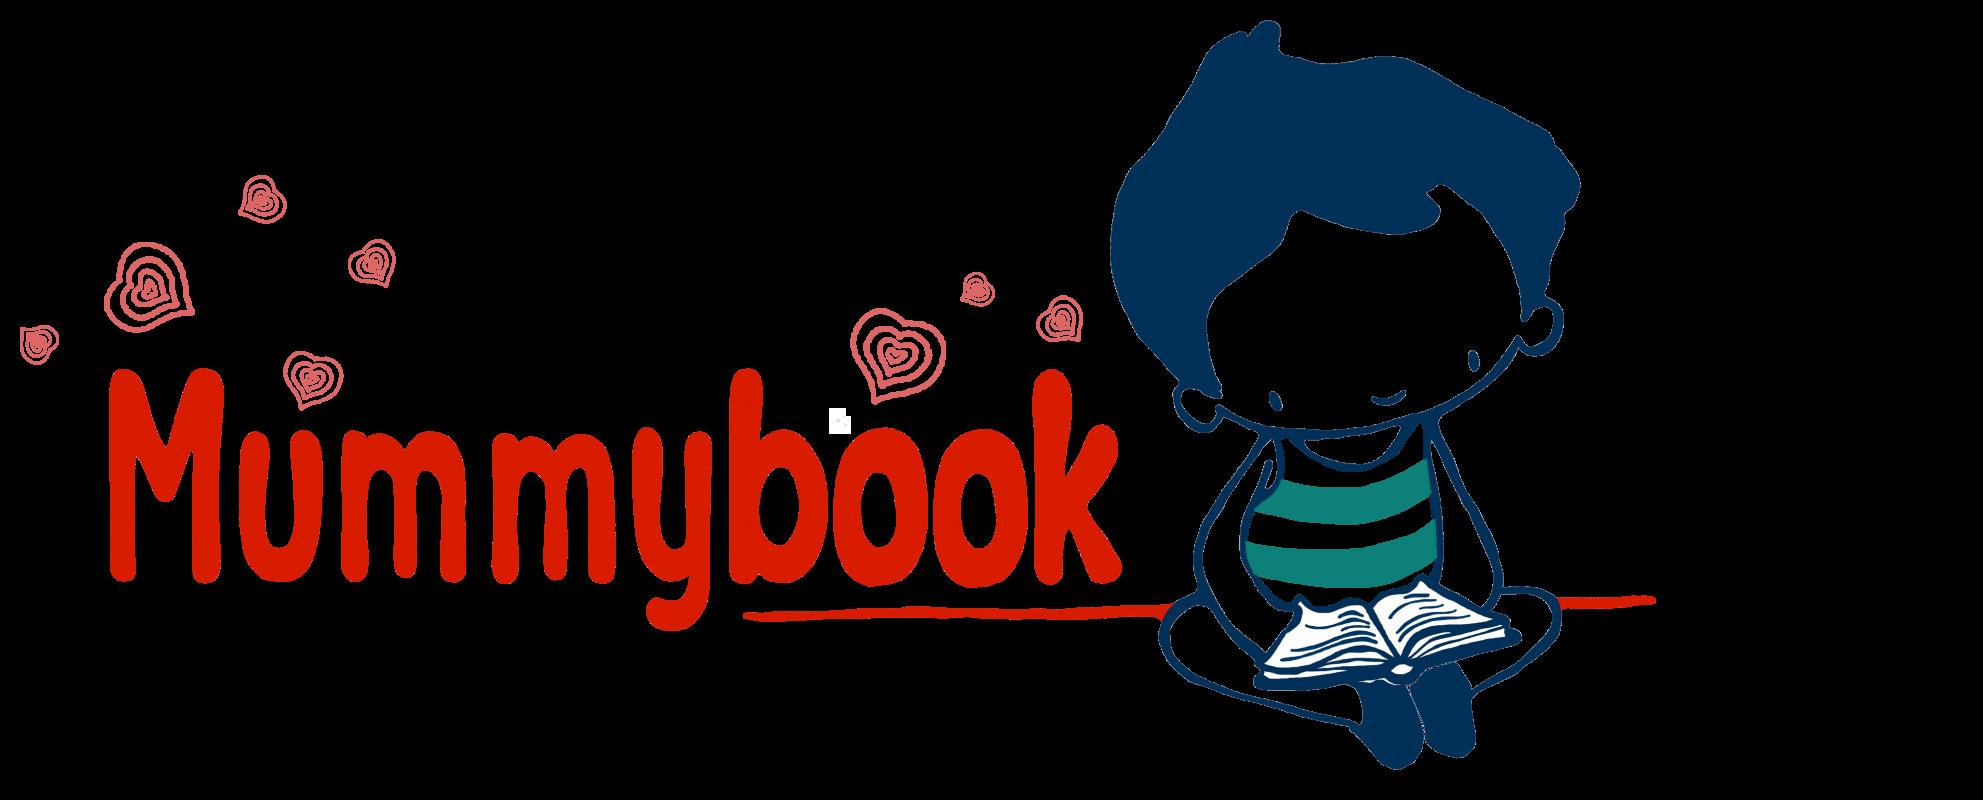 abbastanza Mummybook – ❤ Il portale del gioco e delle attività ricreative  BI62